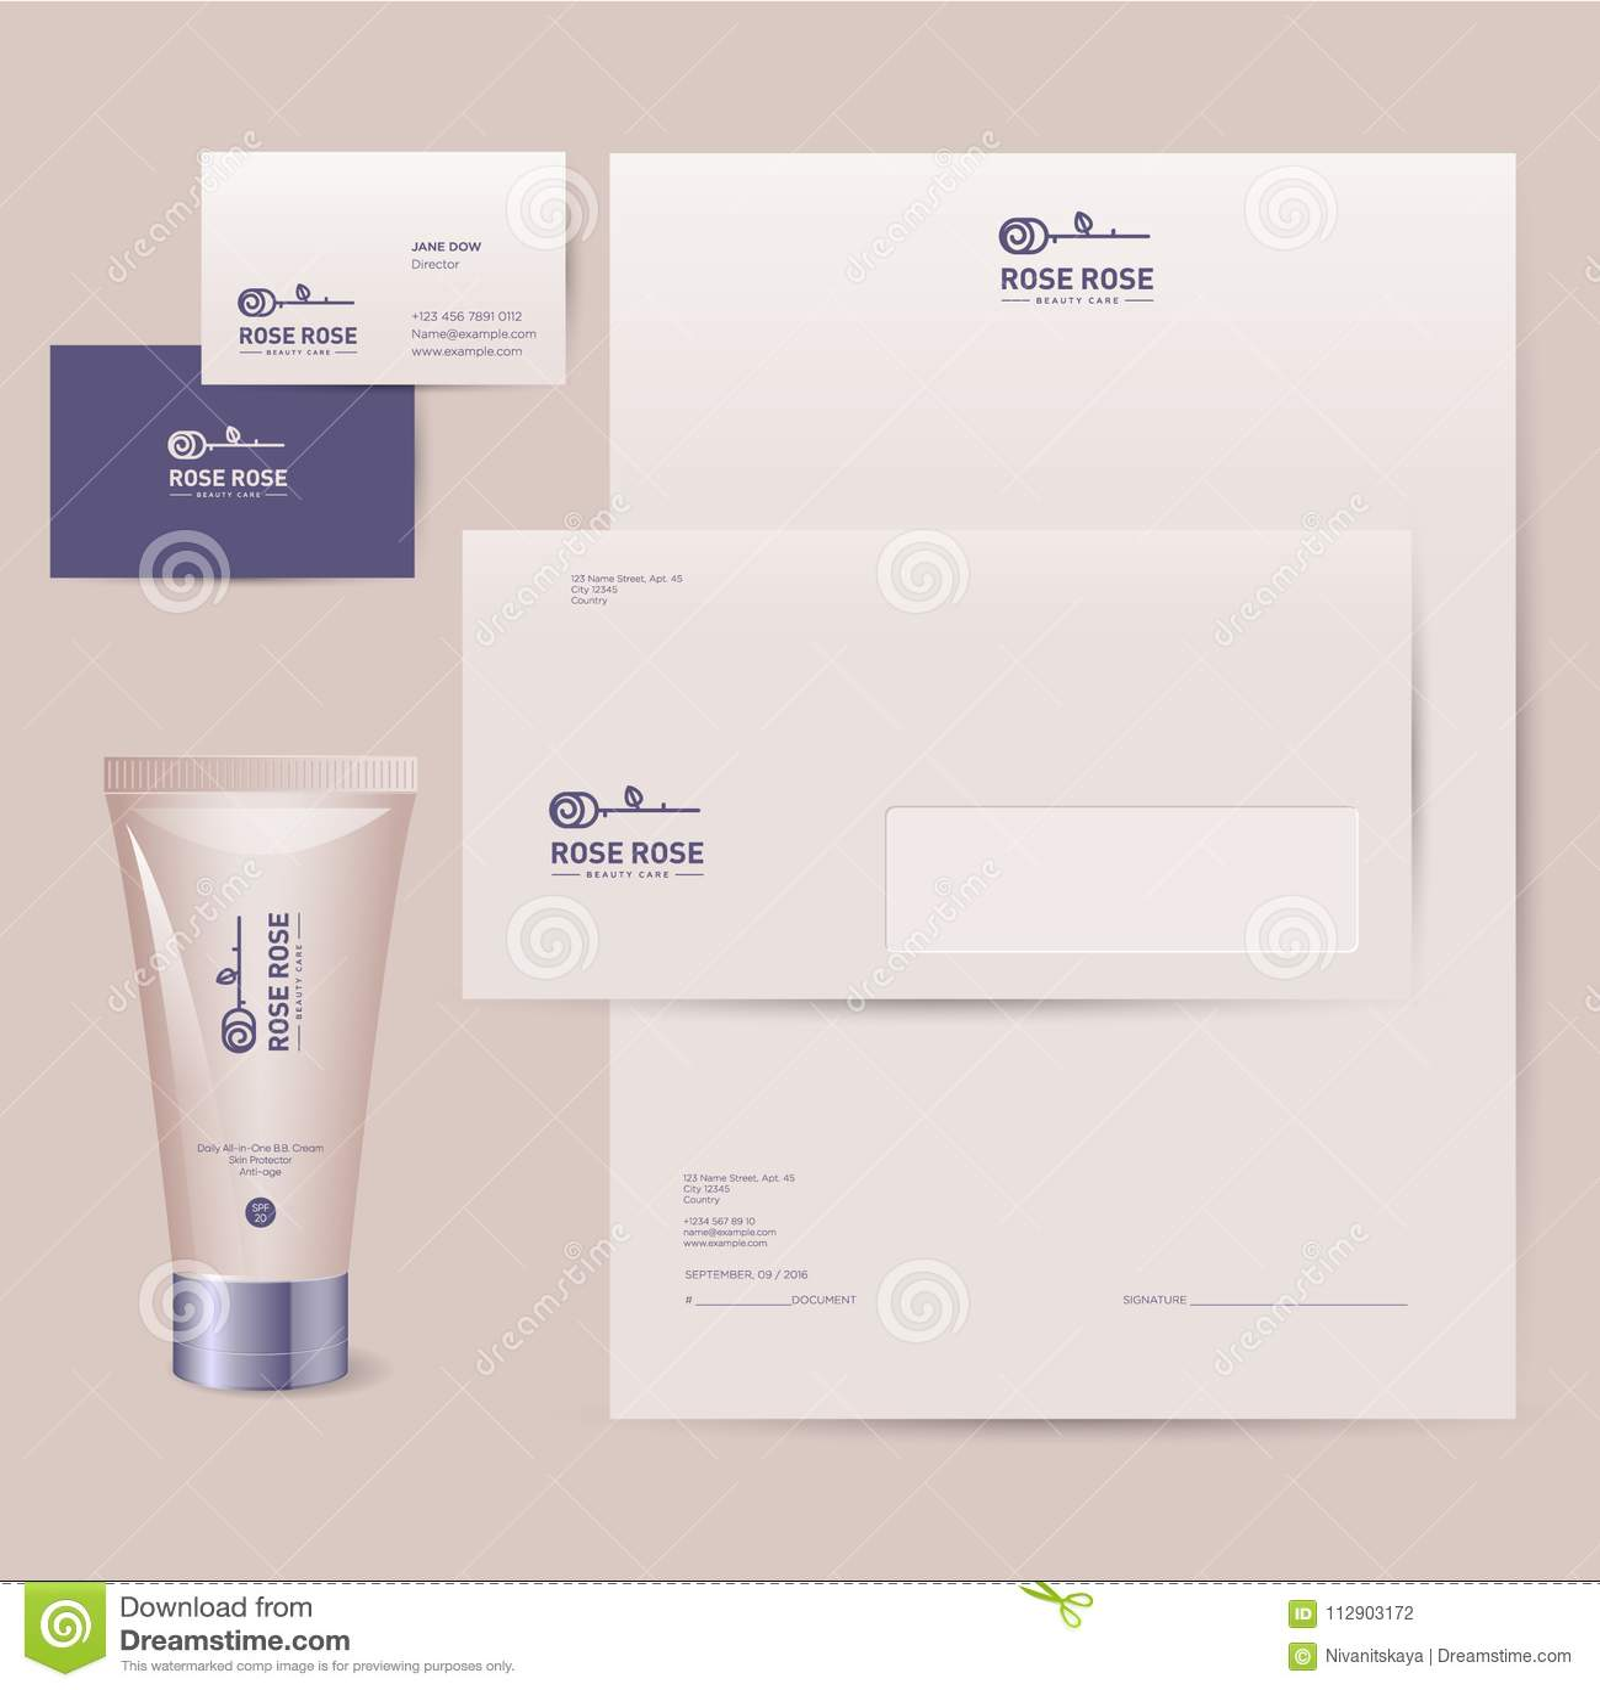 Rosen Logo Unternehmensidentitä5 Der Kosmetikmarke